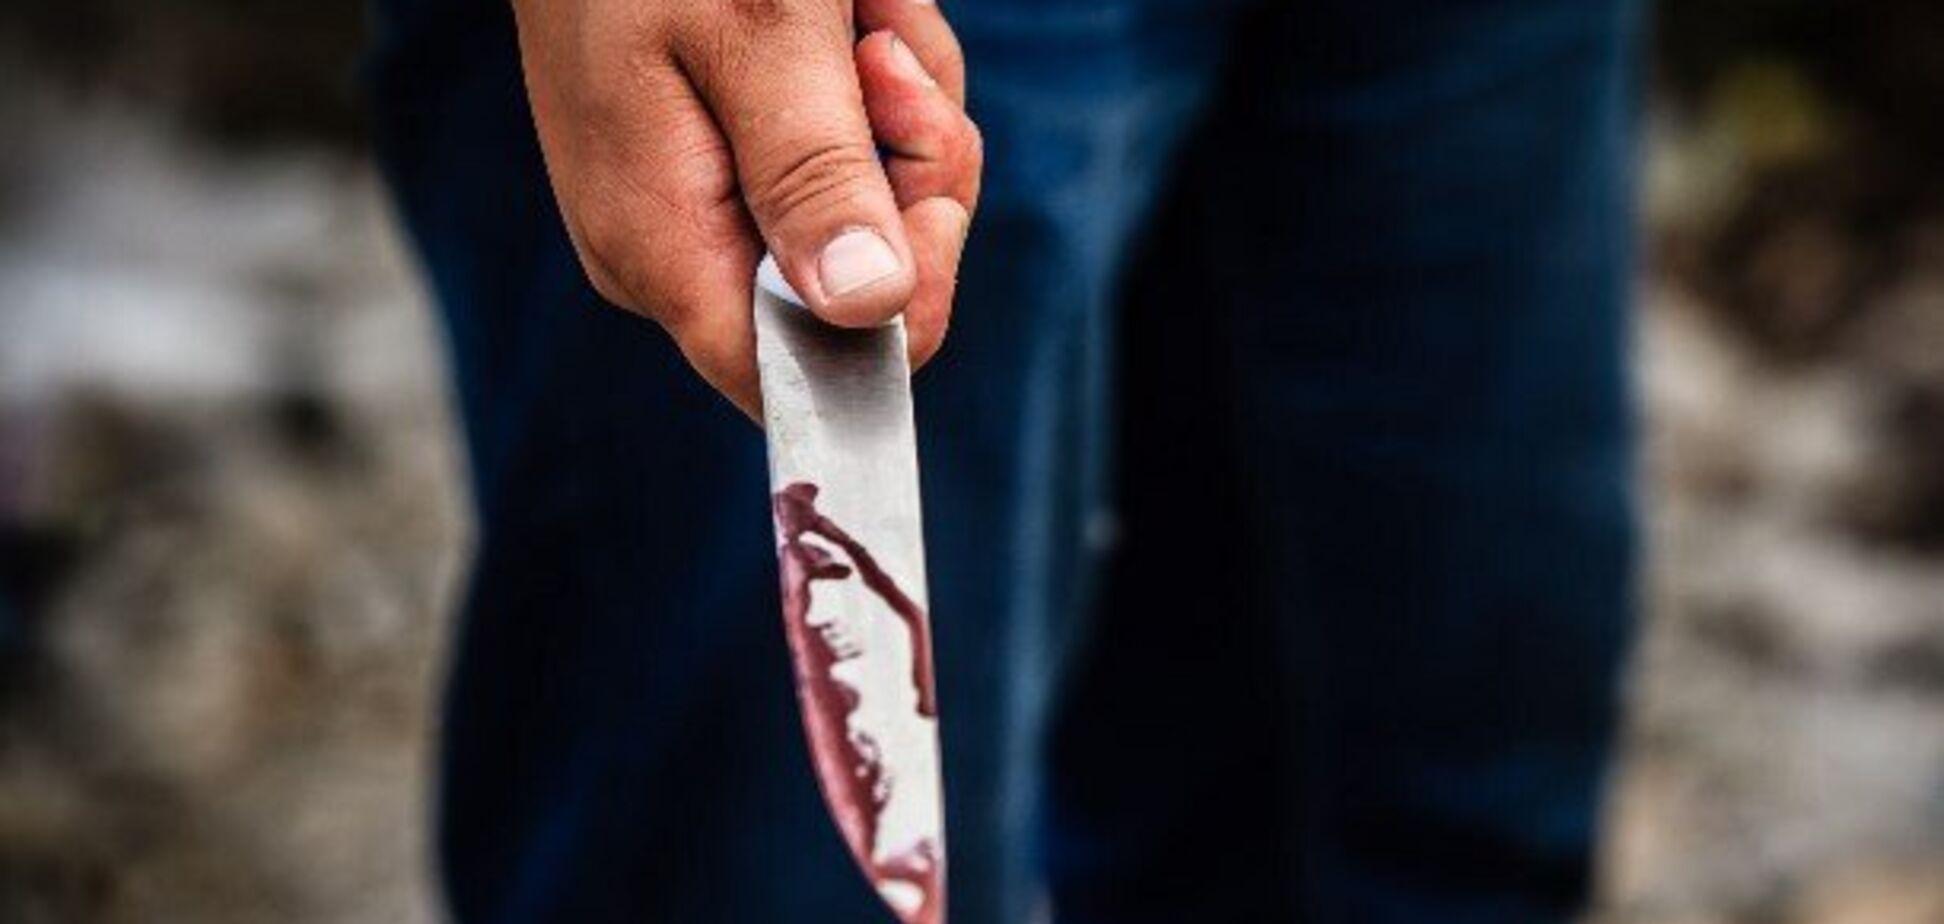 На Львовщине мужчина перерезал вены стоматологу прямо в кабинете: фото с места ЧП